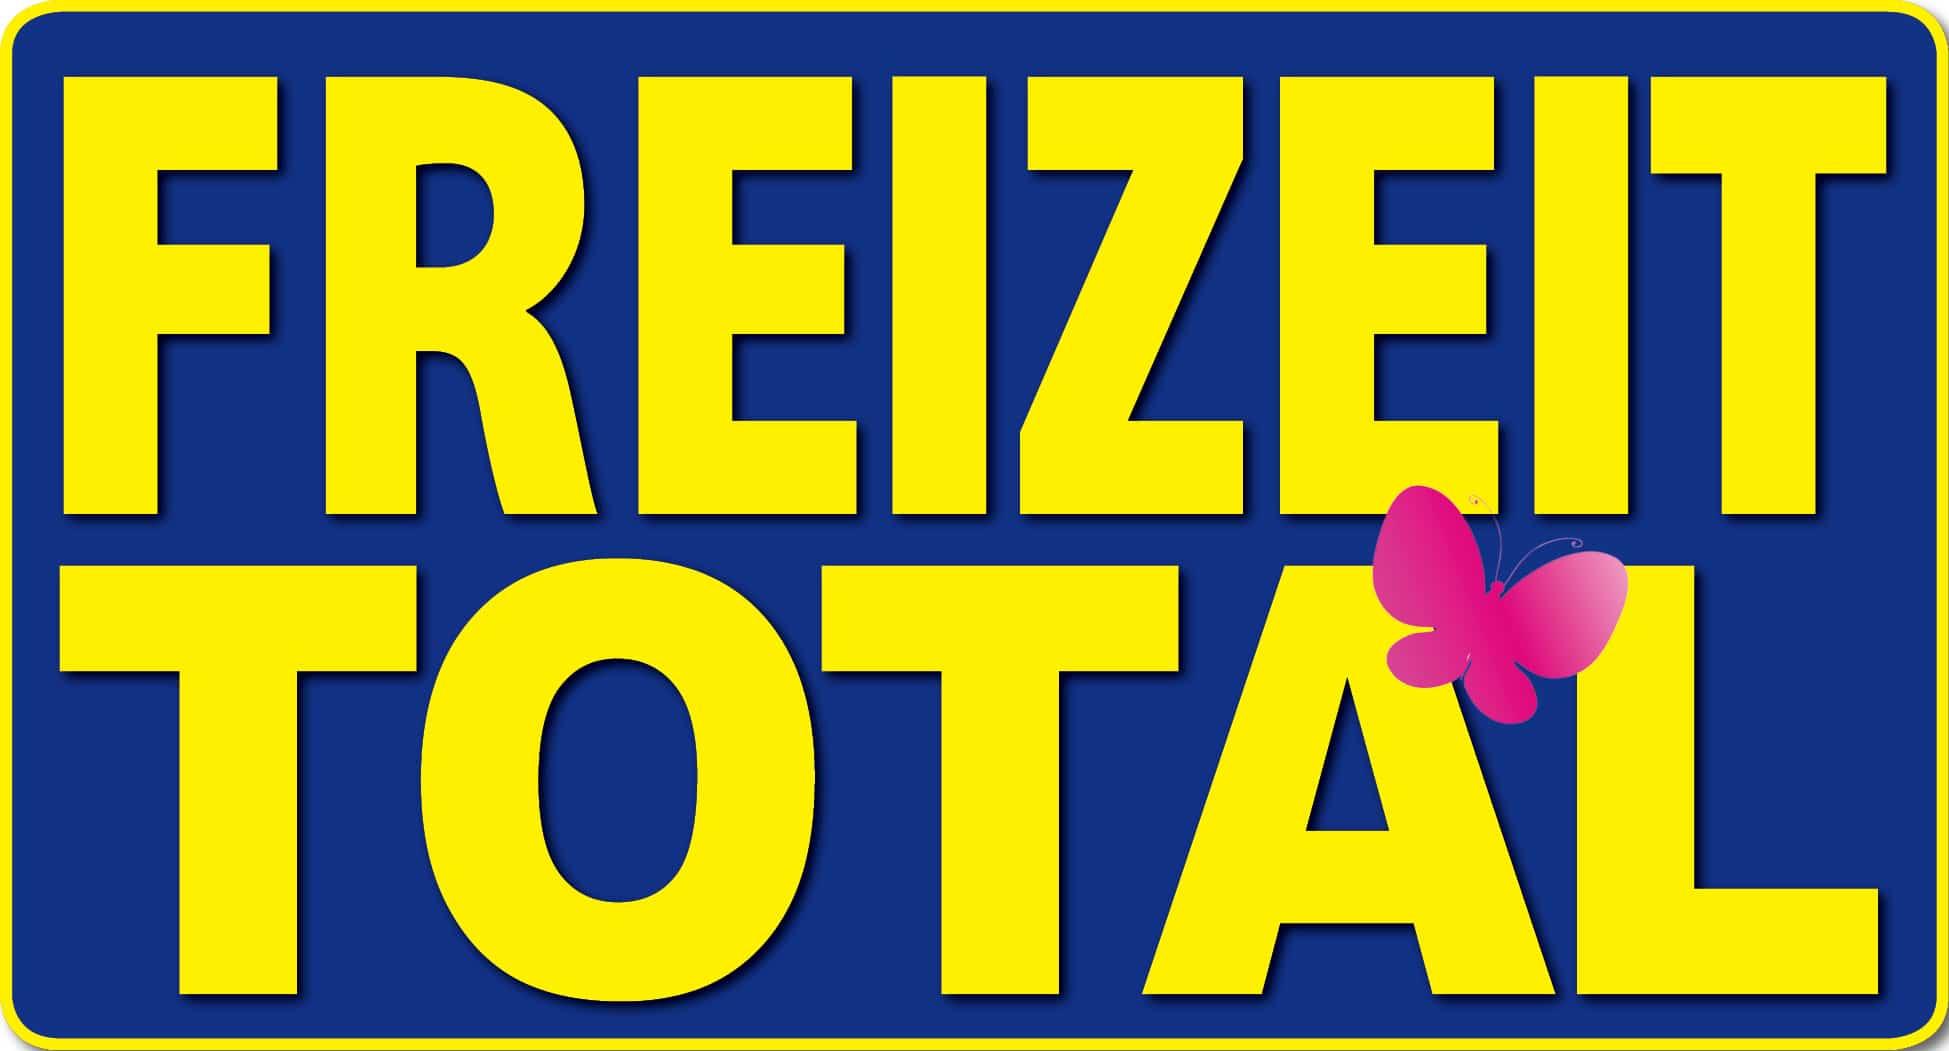 Logo Freizeit total